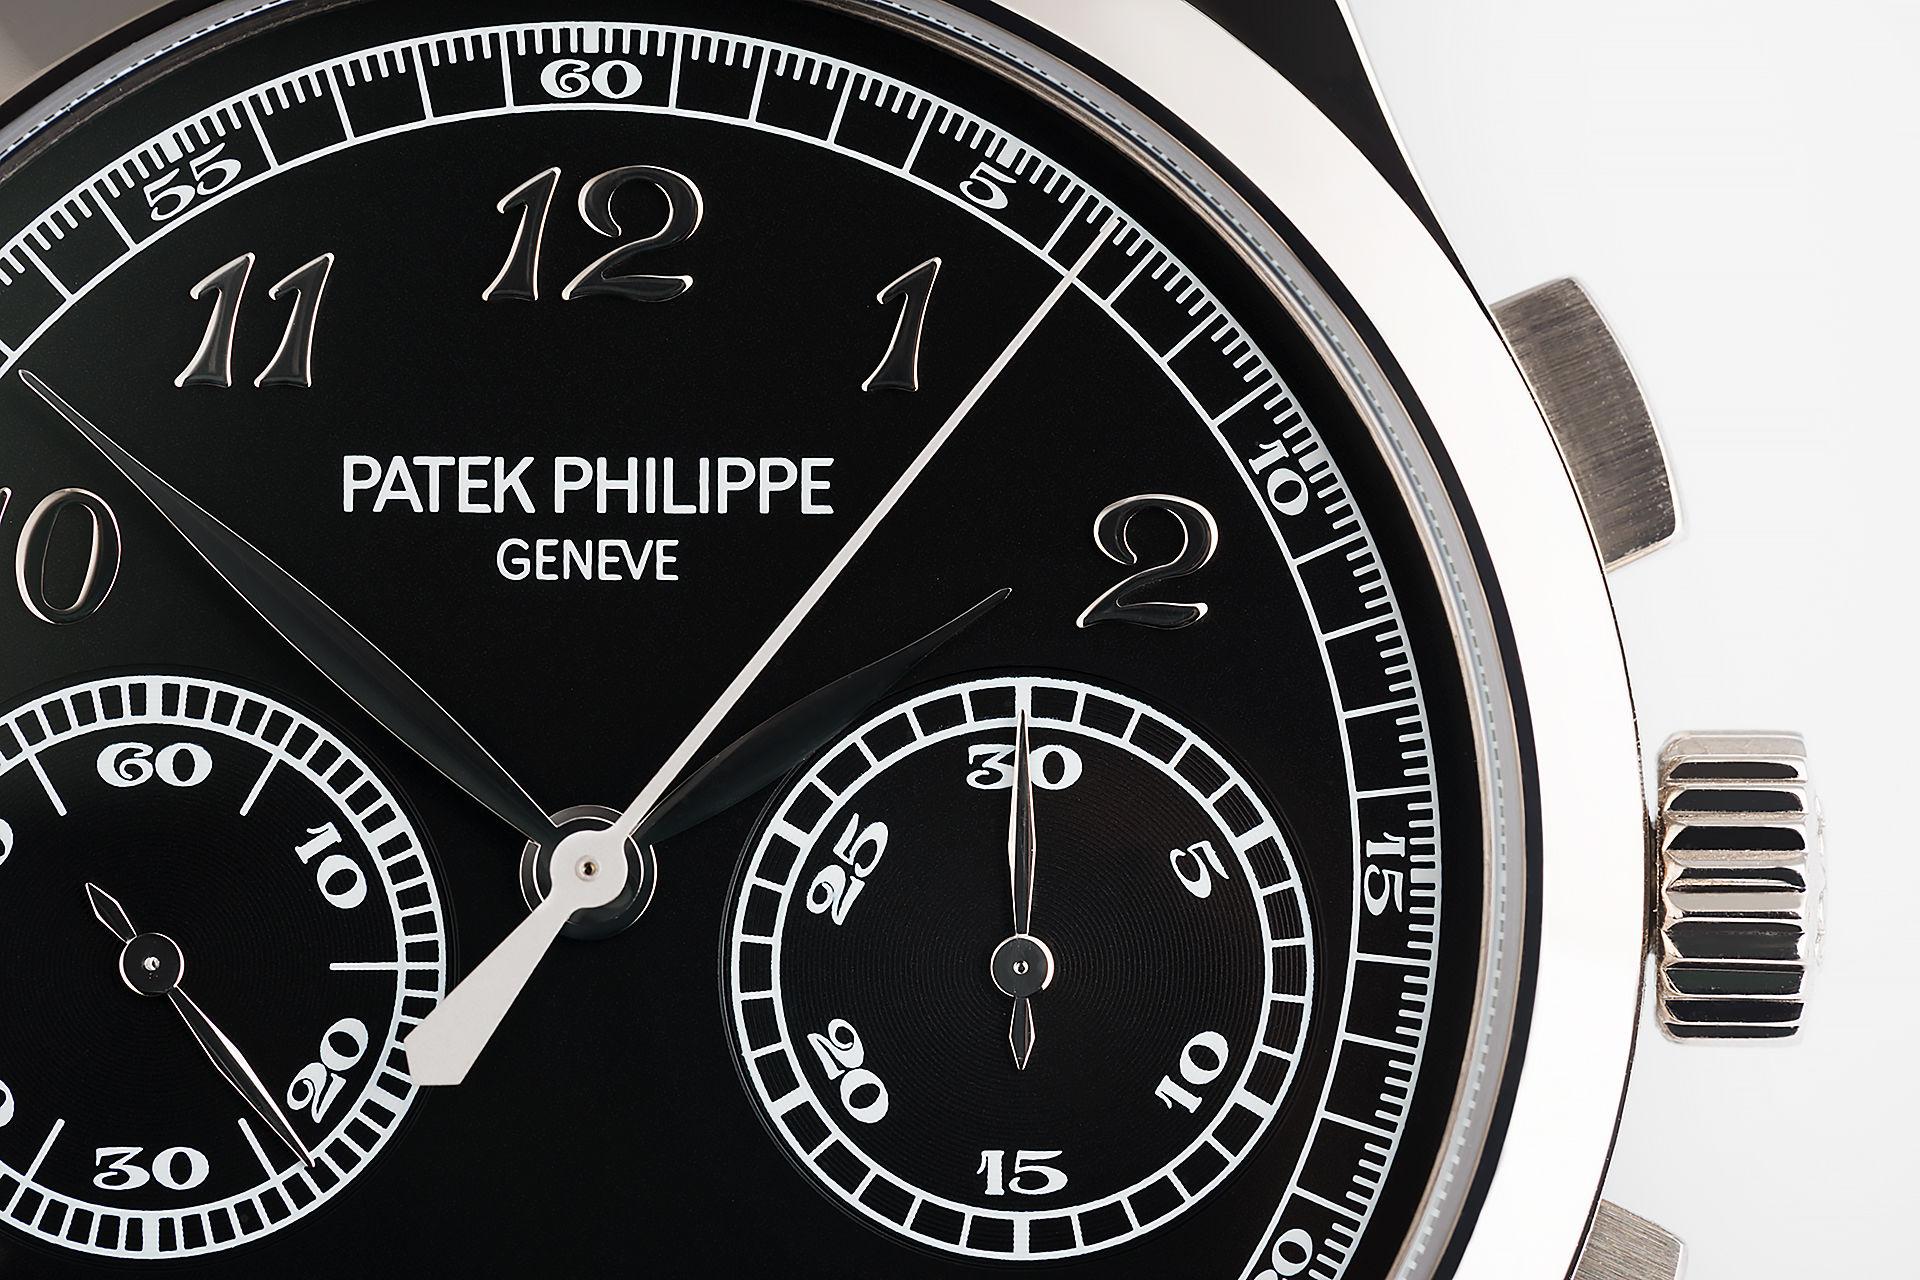 Patek Philippe Ref. 5170 versus Ref. 5172